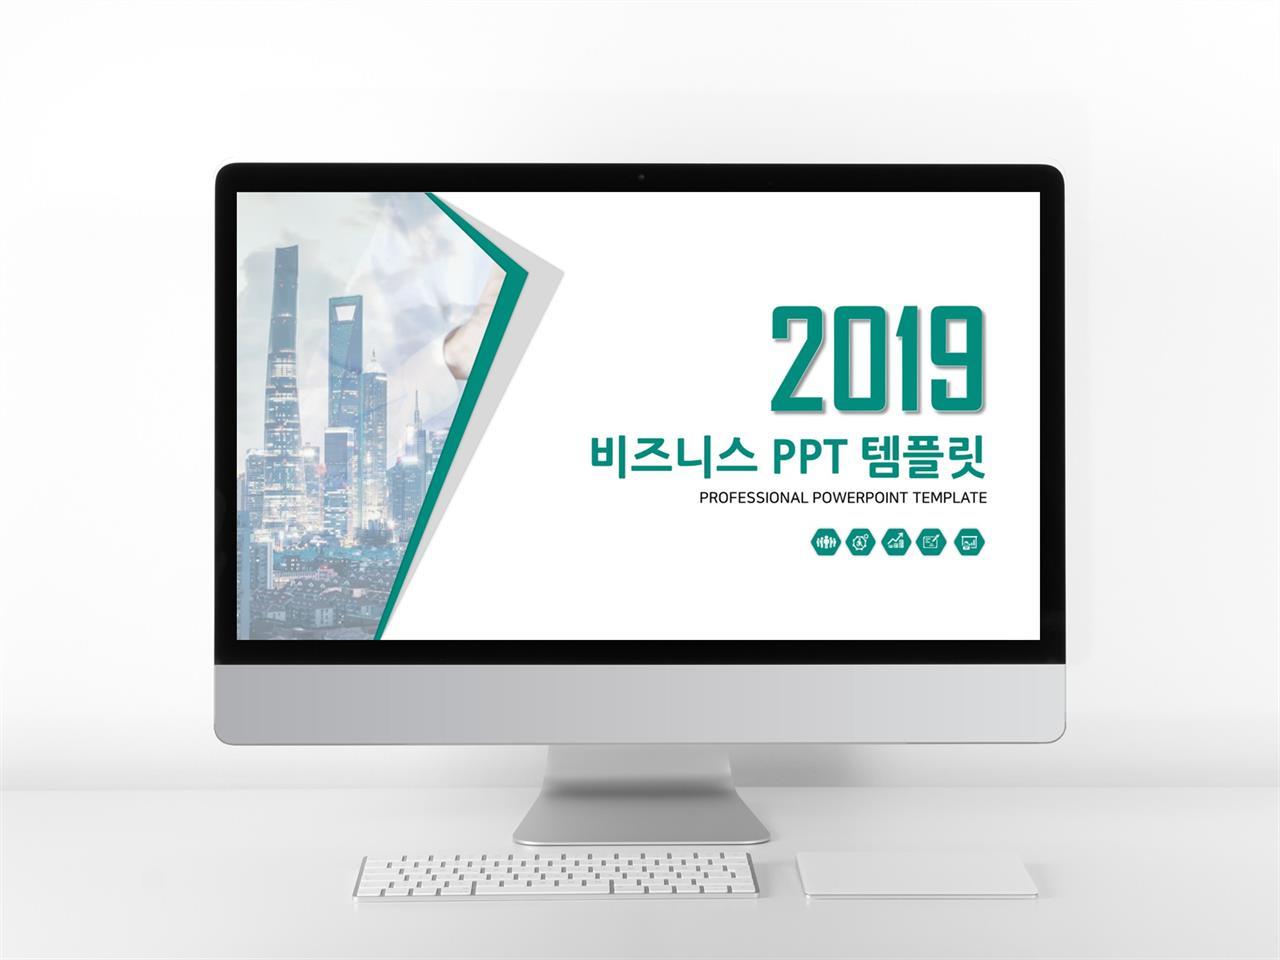 상업계획 녹색 간편한 고급스럽운 PPT탬플릿 사이트 미리보기